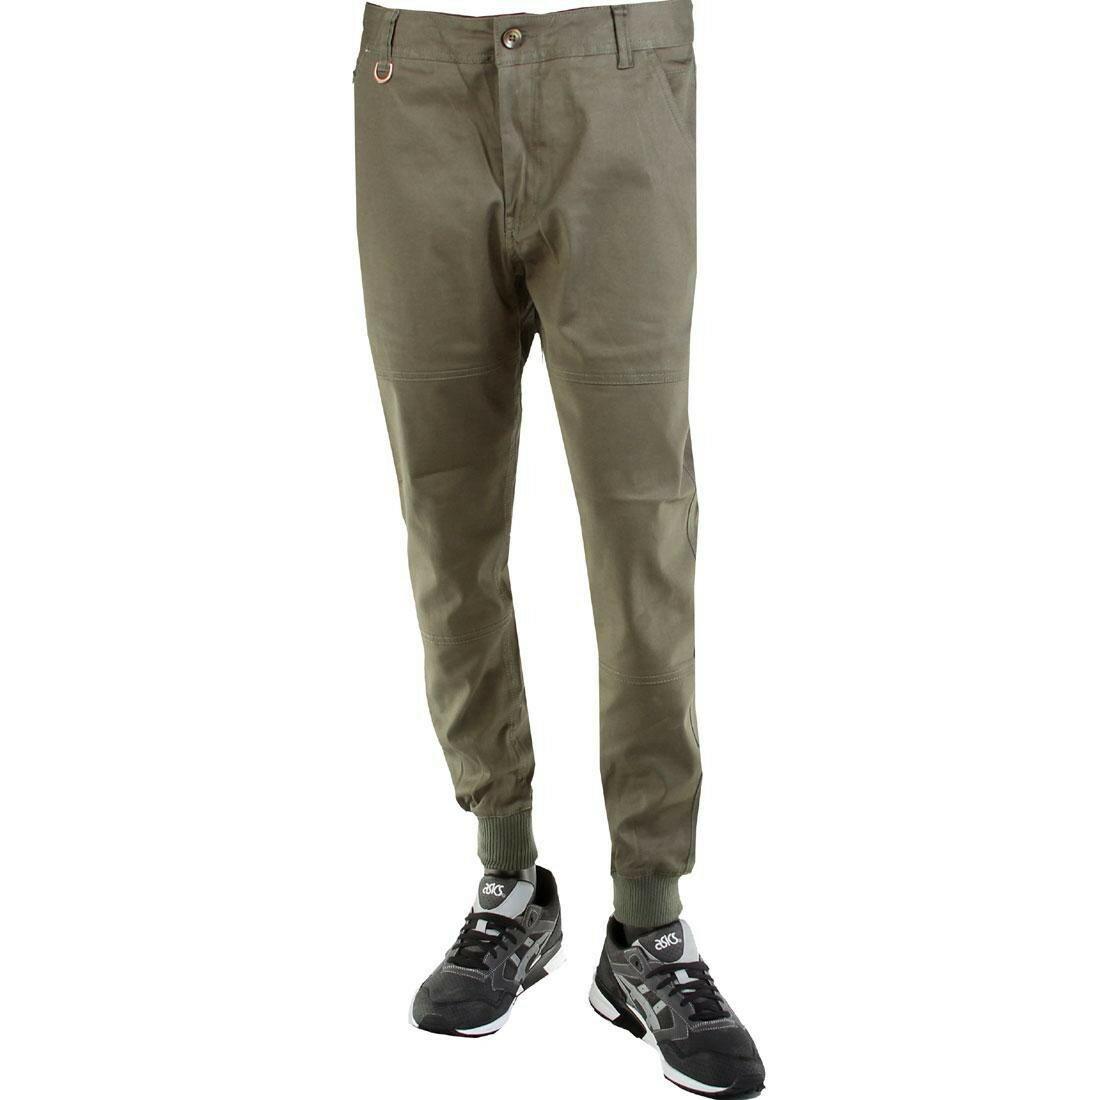 publish パブリッシュ legacy レガシー jogger ジョガー pants パンツ olive ユニセックスウエア レディースファッション